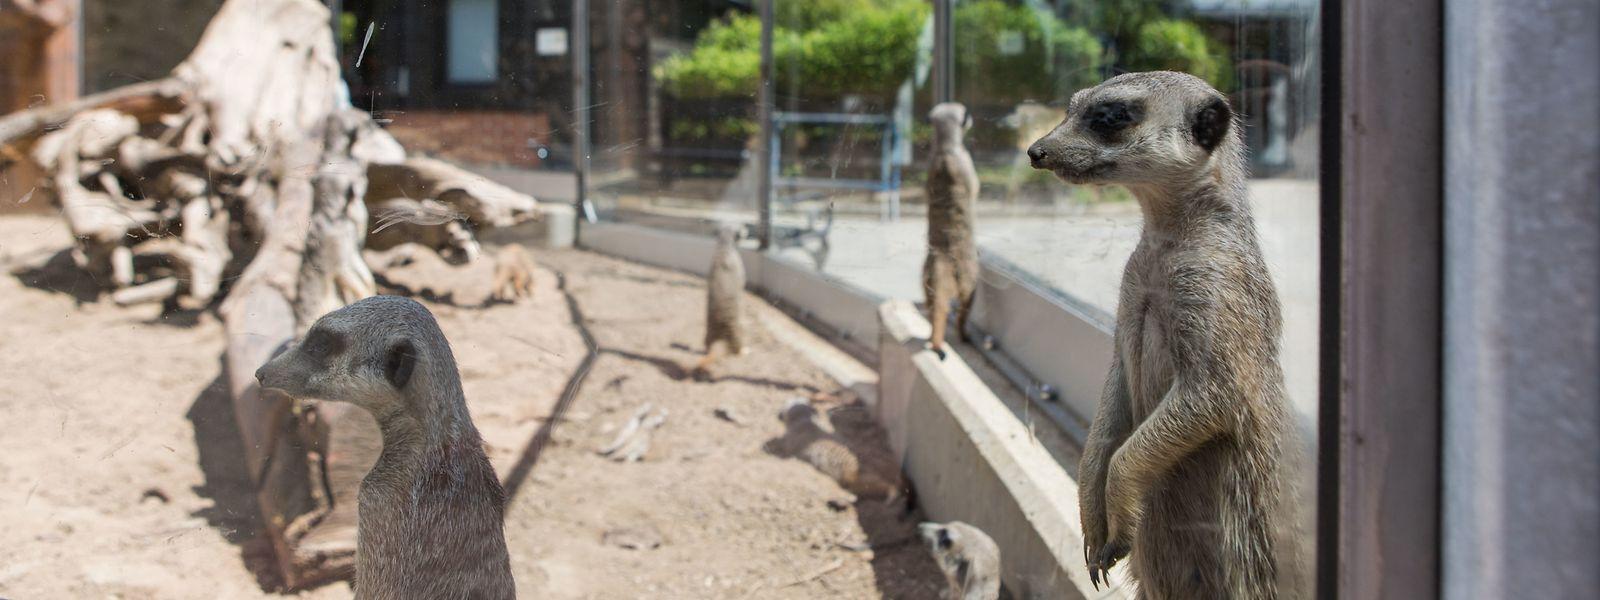 Die Erdmännchen scheinen nach den ersten Besuchern der Saison Ausschau zu halten.